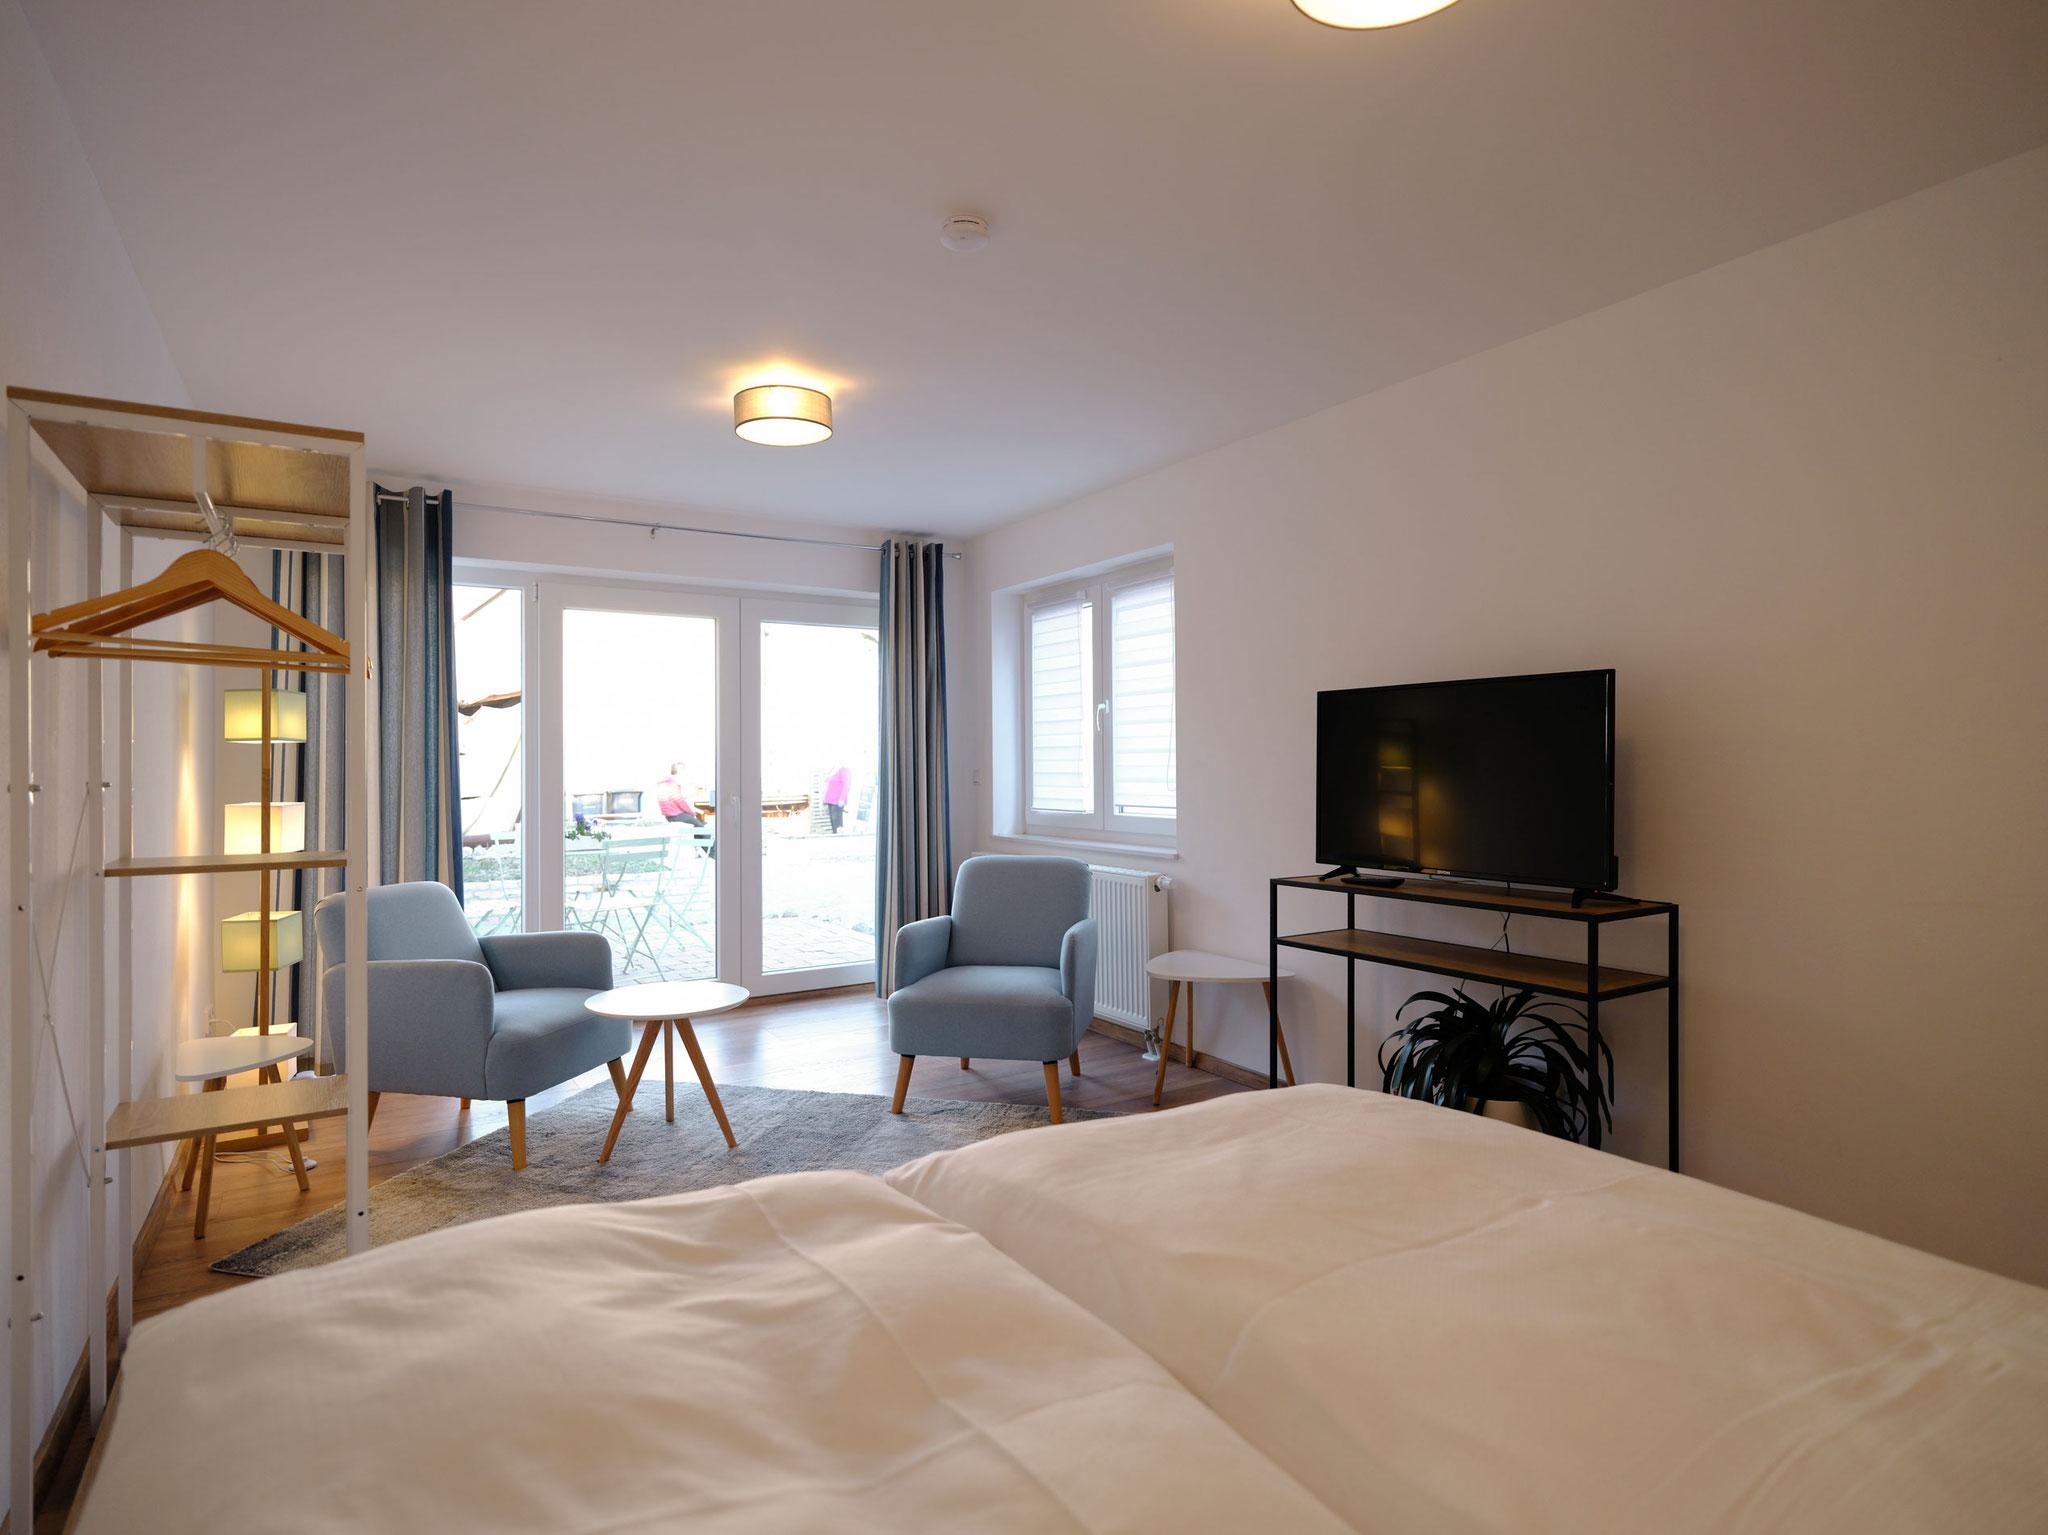 Wohn- und Schlafbereich Apartment 1 (EG)